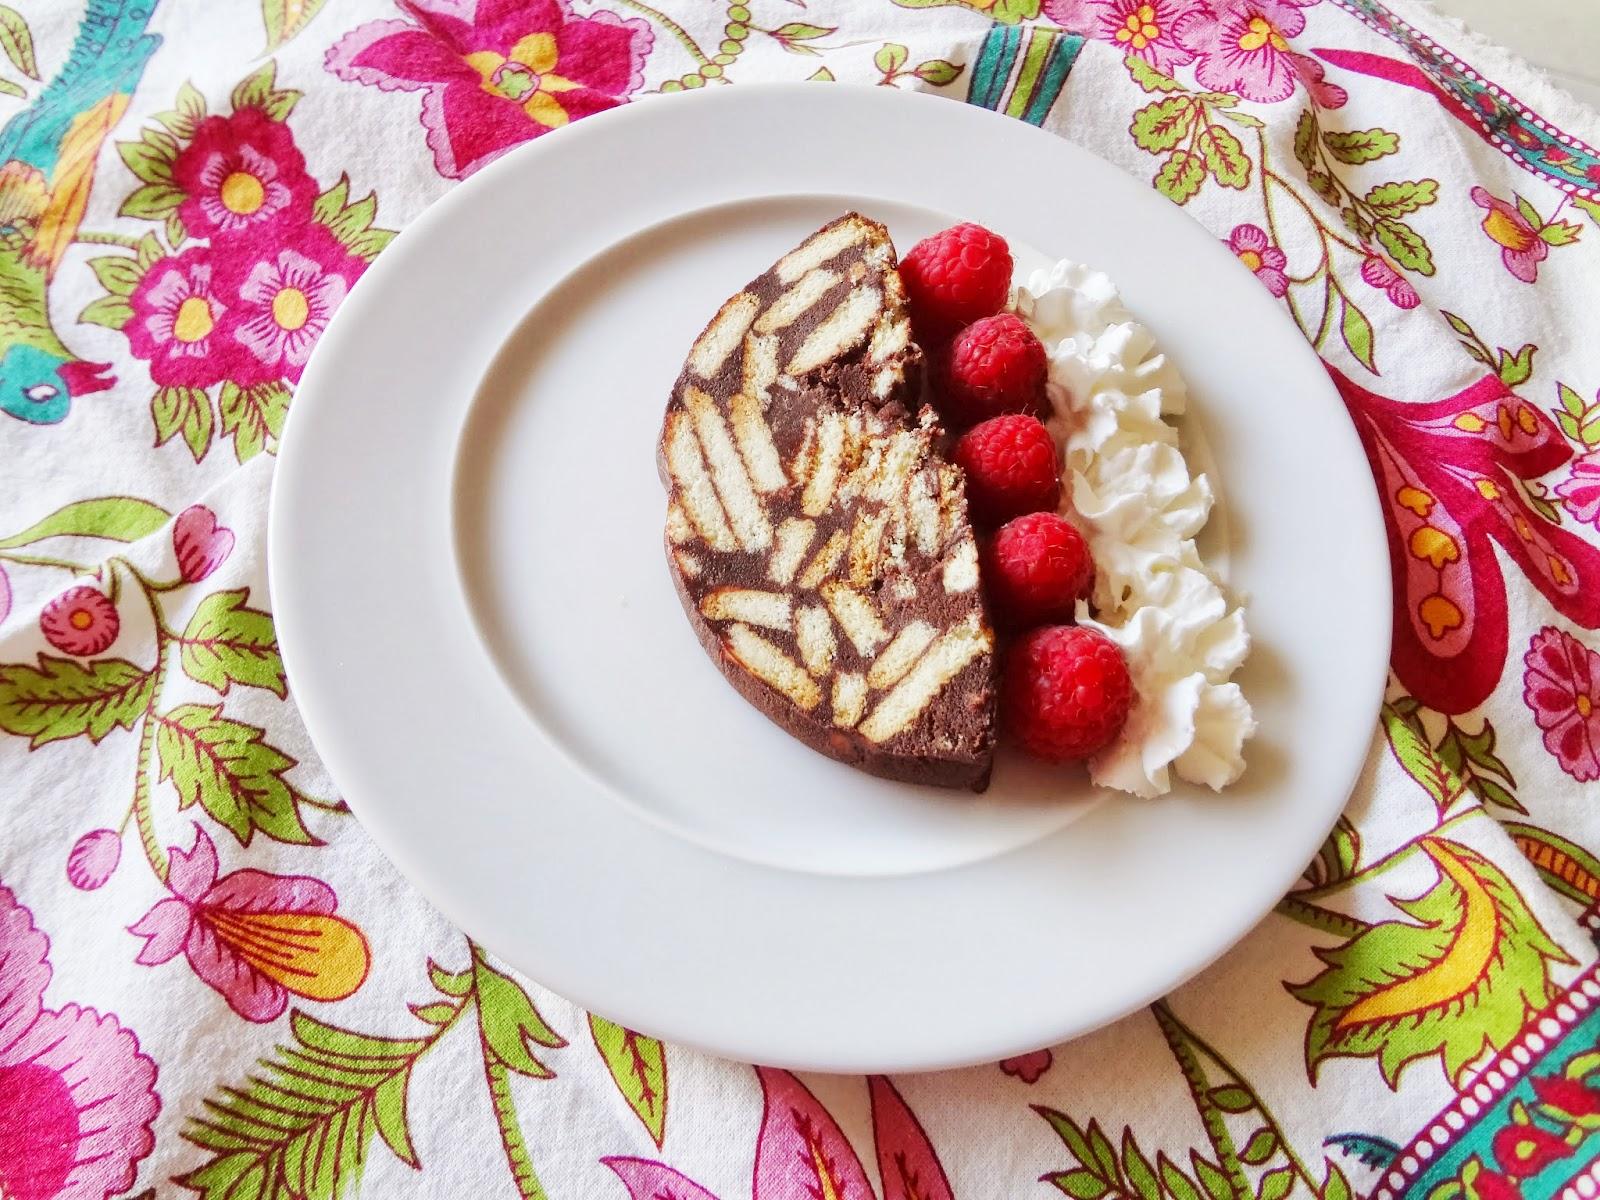 Chocolate Mosaic Icebox Cake